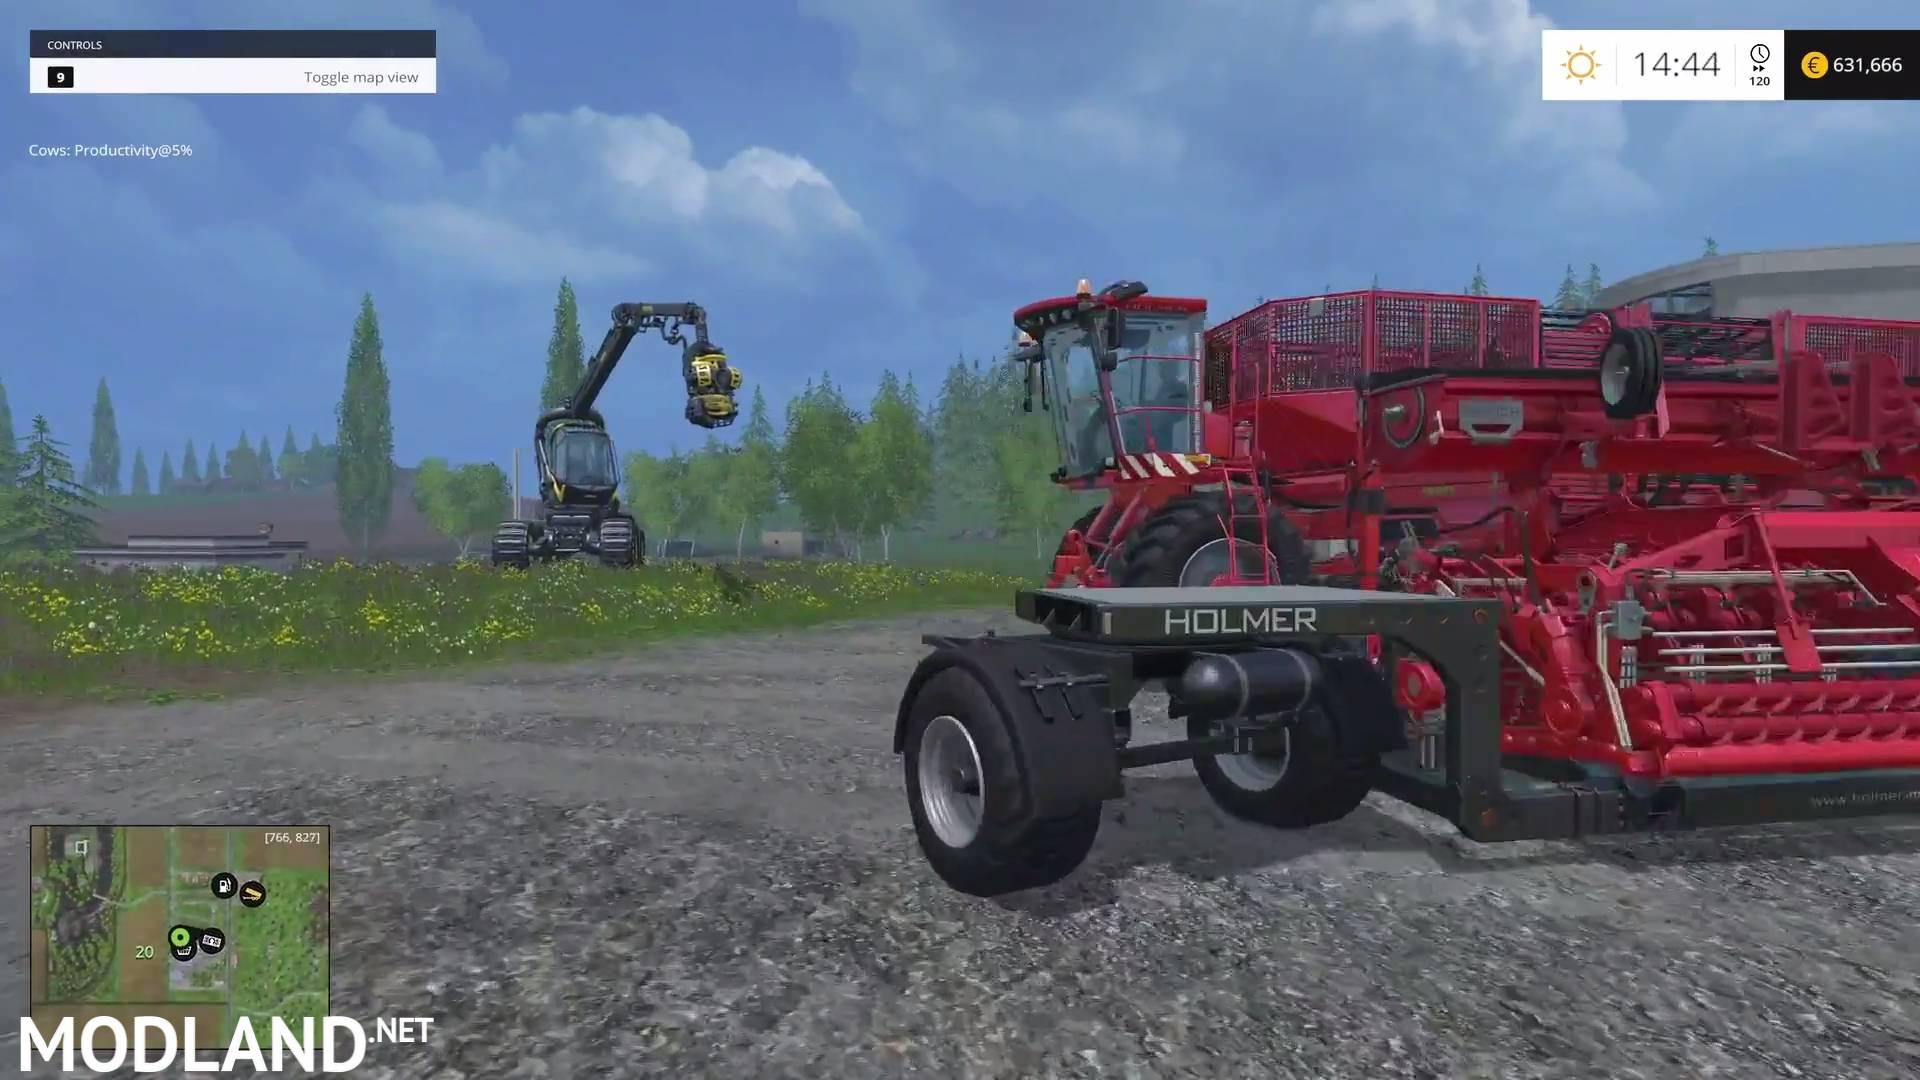 Holmer DLC mod for Farming Simulator 2015 / 15 | FS, LS 2015 mod